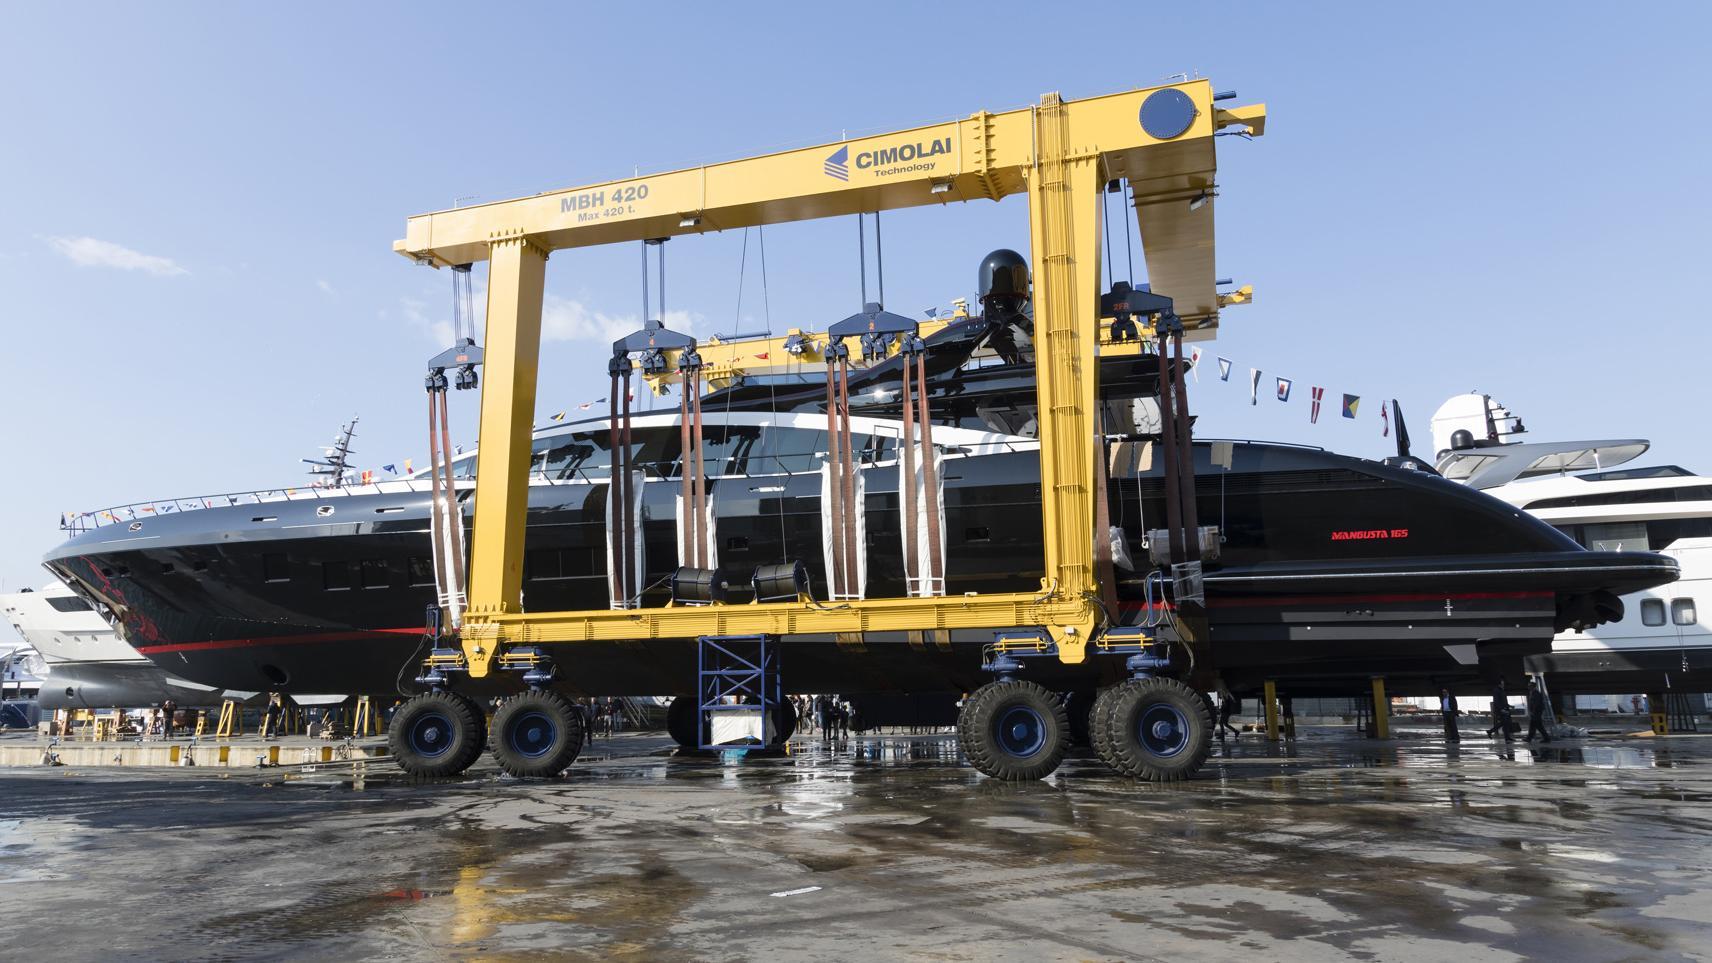 mangusta 165 hull 12 motoryacht overmarine mangusta 165 50m 2017 launch profile